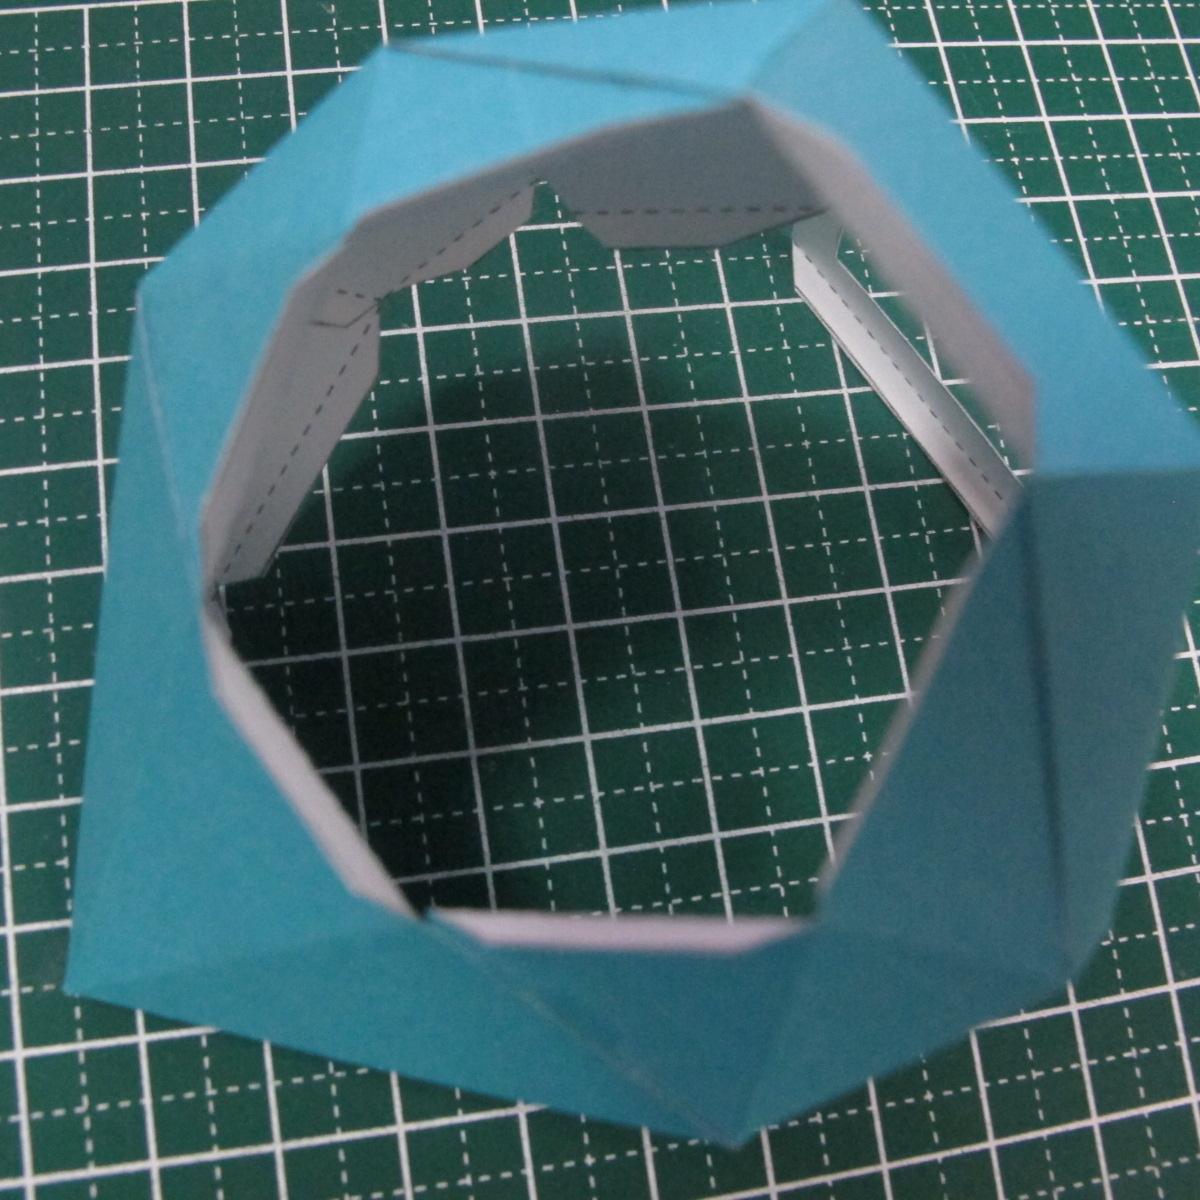 วิธีทำของเล่นโมเดลกระดาษรูปนก (Bird Paper craft ) 018